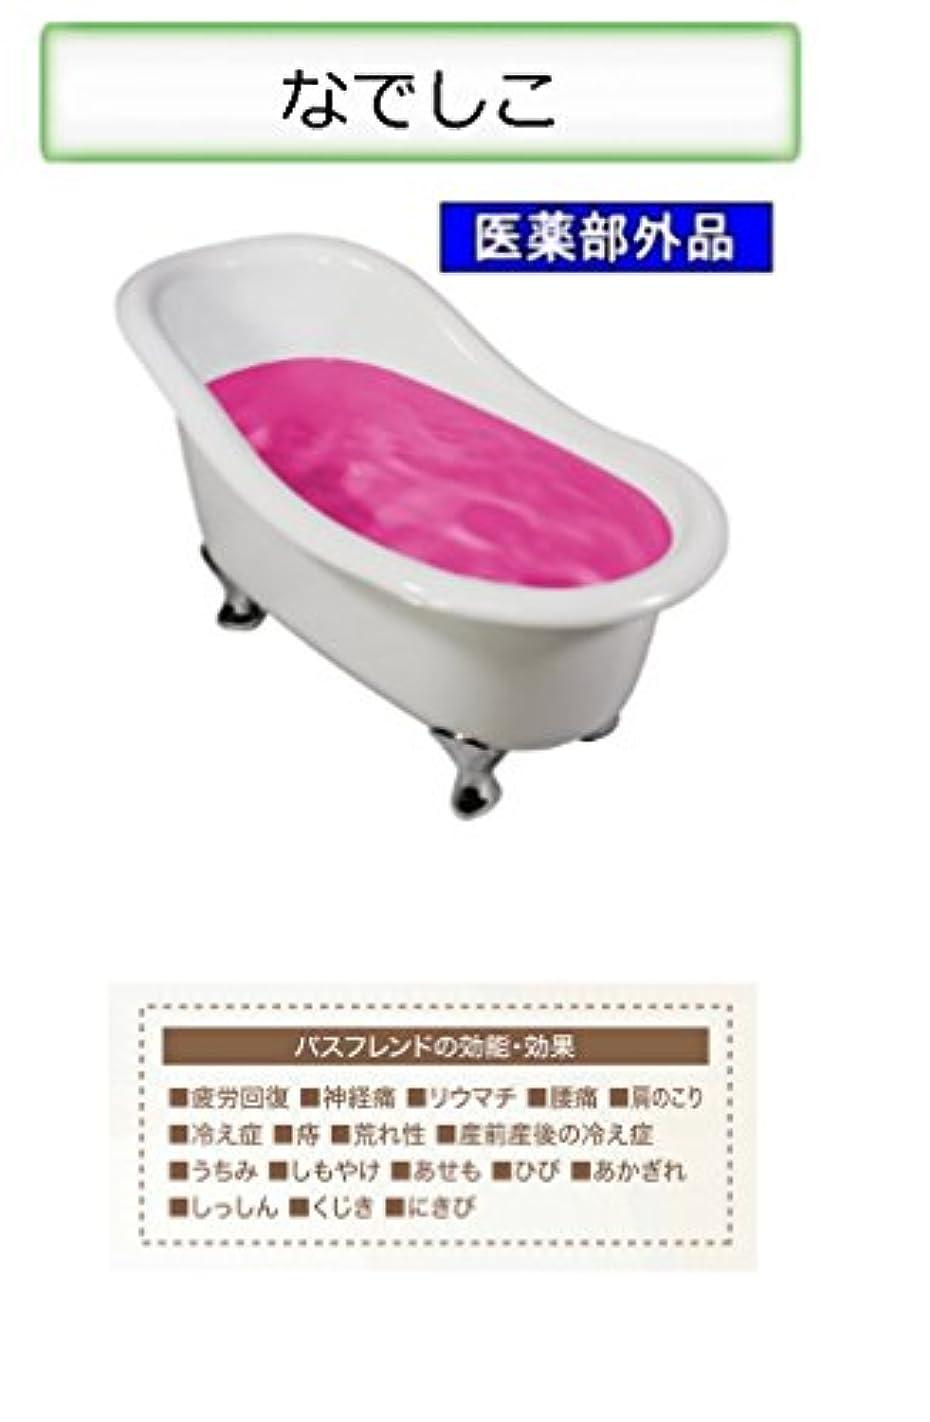 オズワルド援助簡単に薬用入浴剤 バスフレンド/伊吹正 (なでしこ, 17kg)